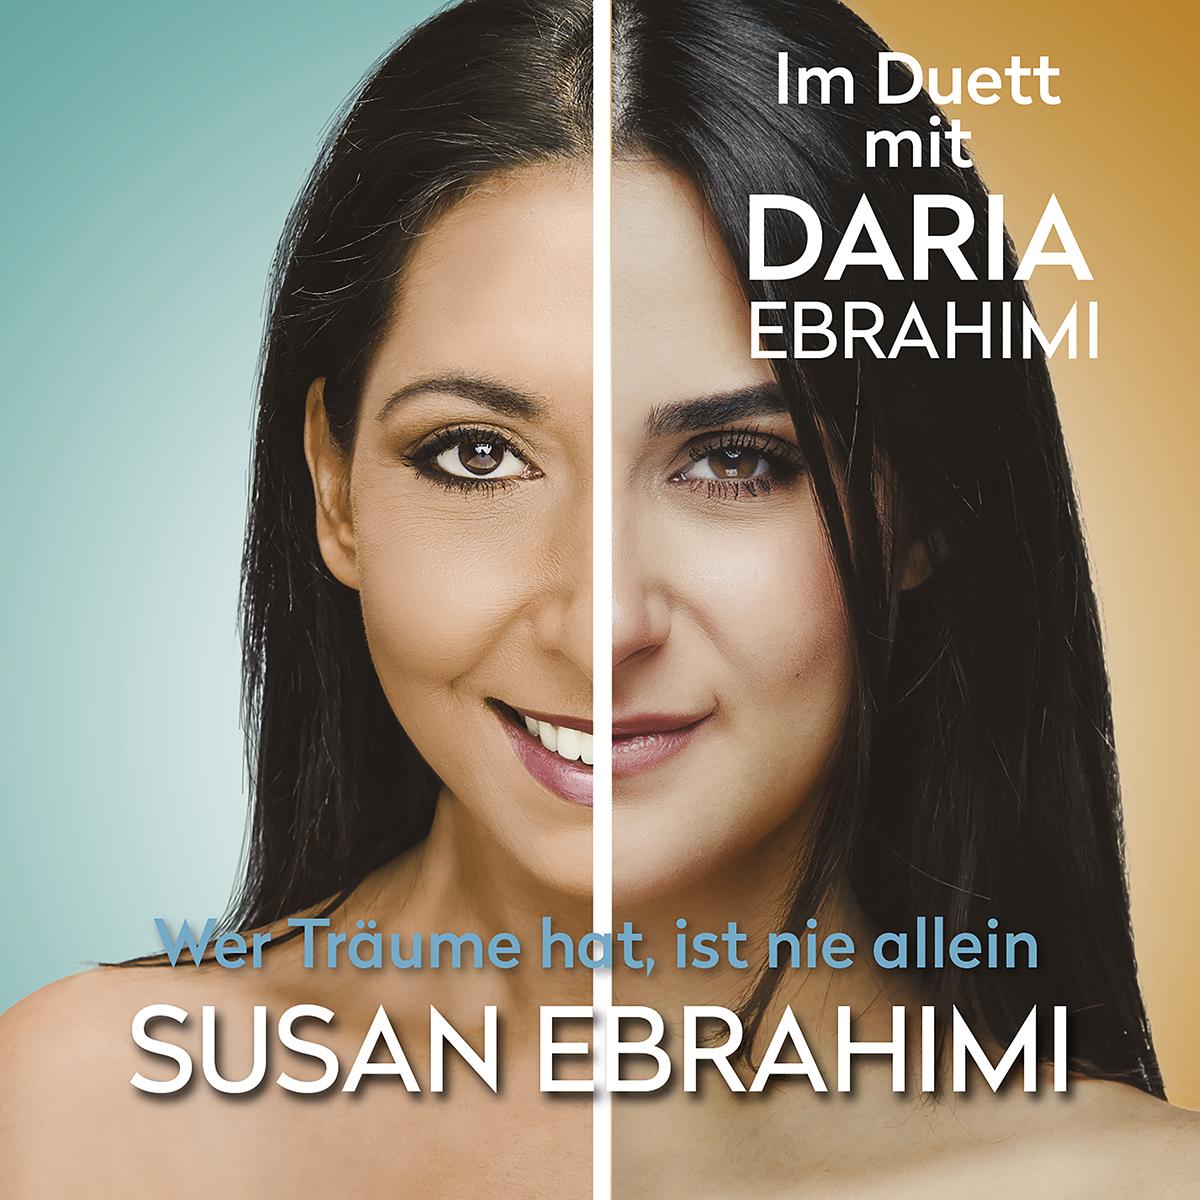 Cover: Wer Träume hat, ist nie allein, Susan Ebrahimi im Duett mit Tochter Daria Ebrahimi